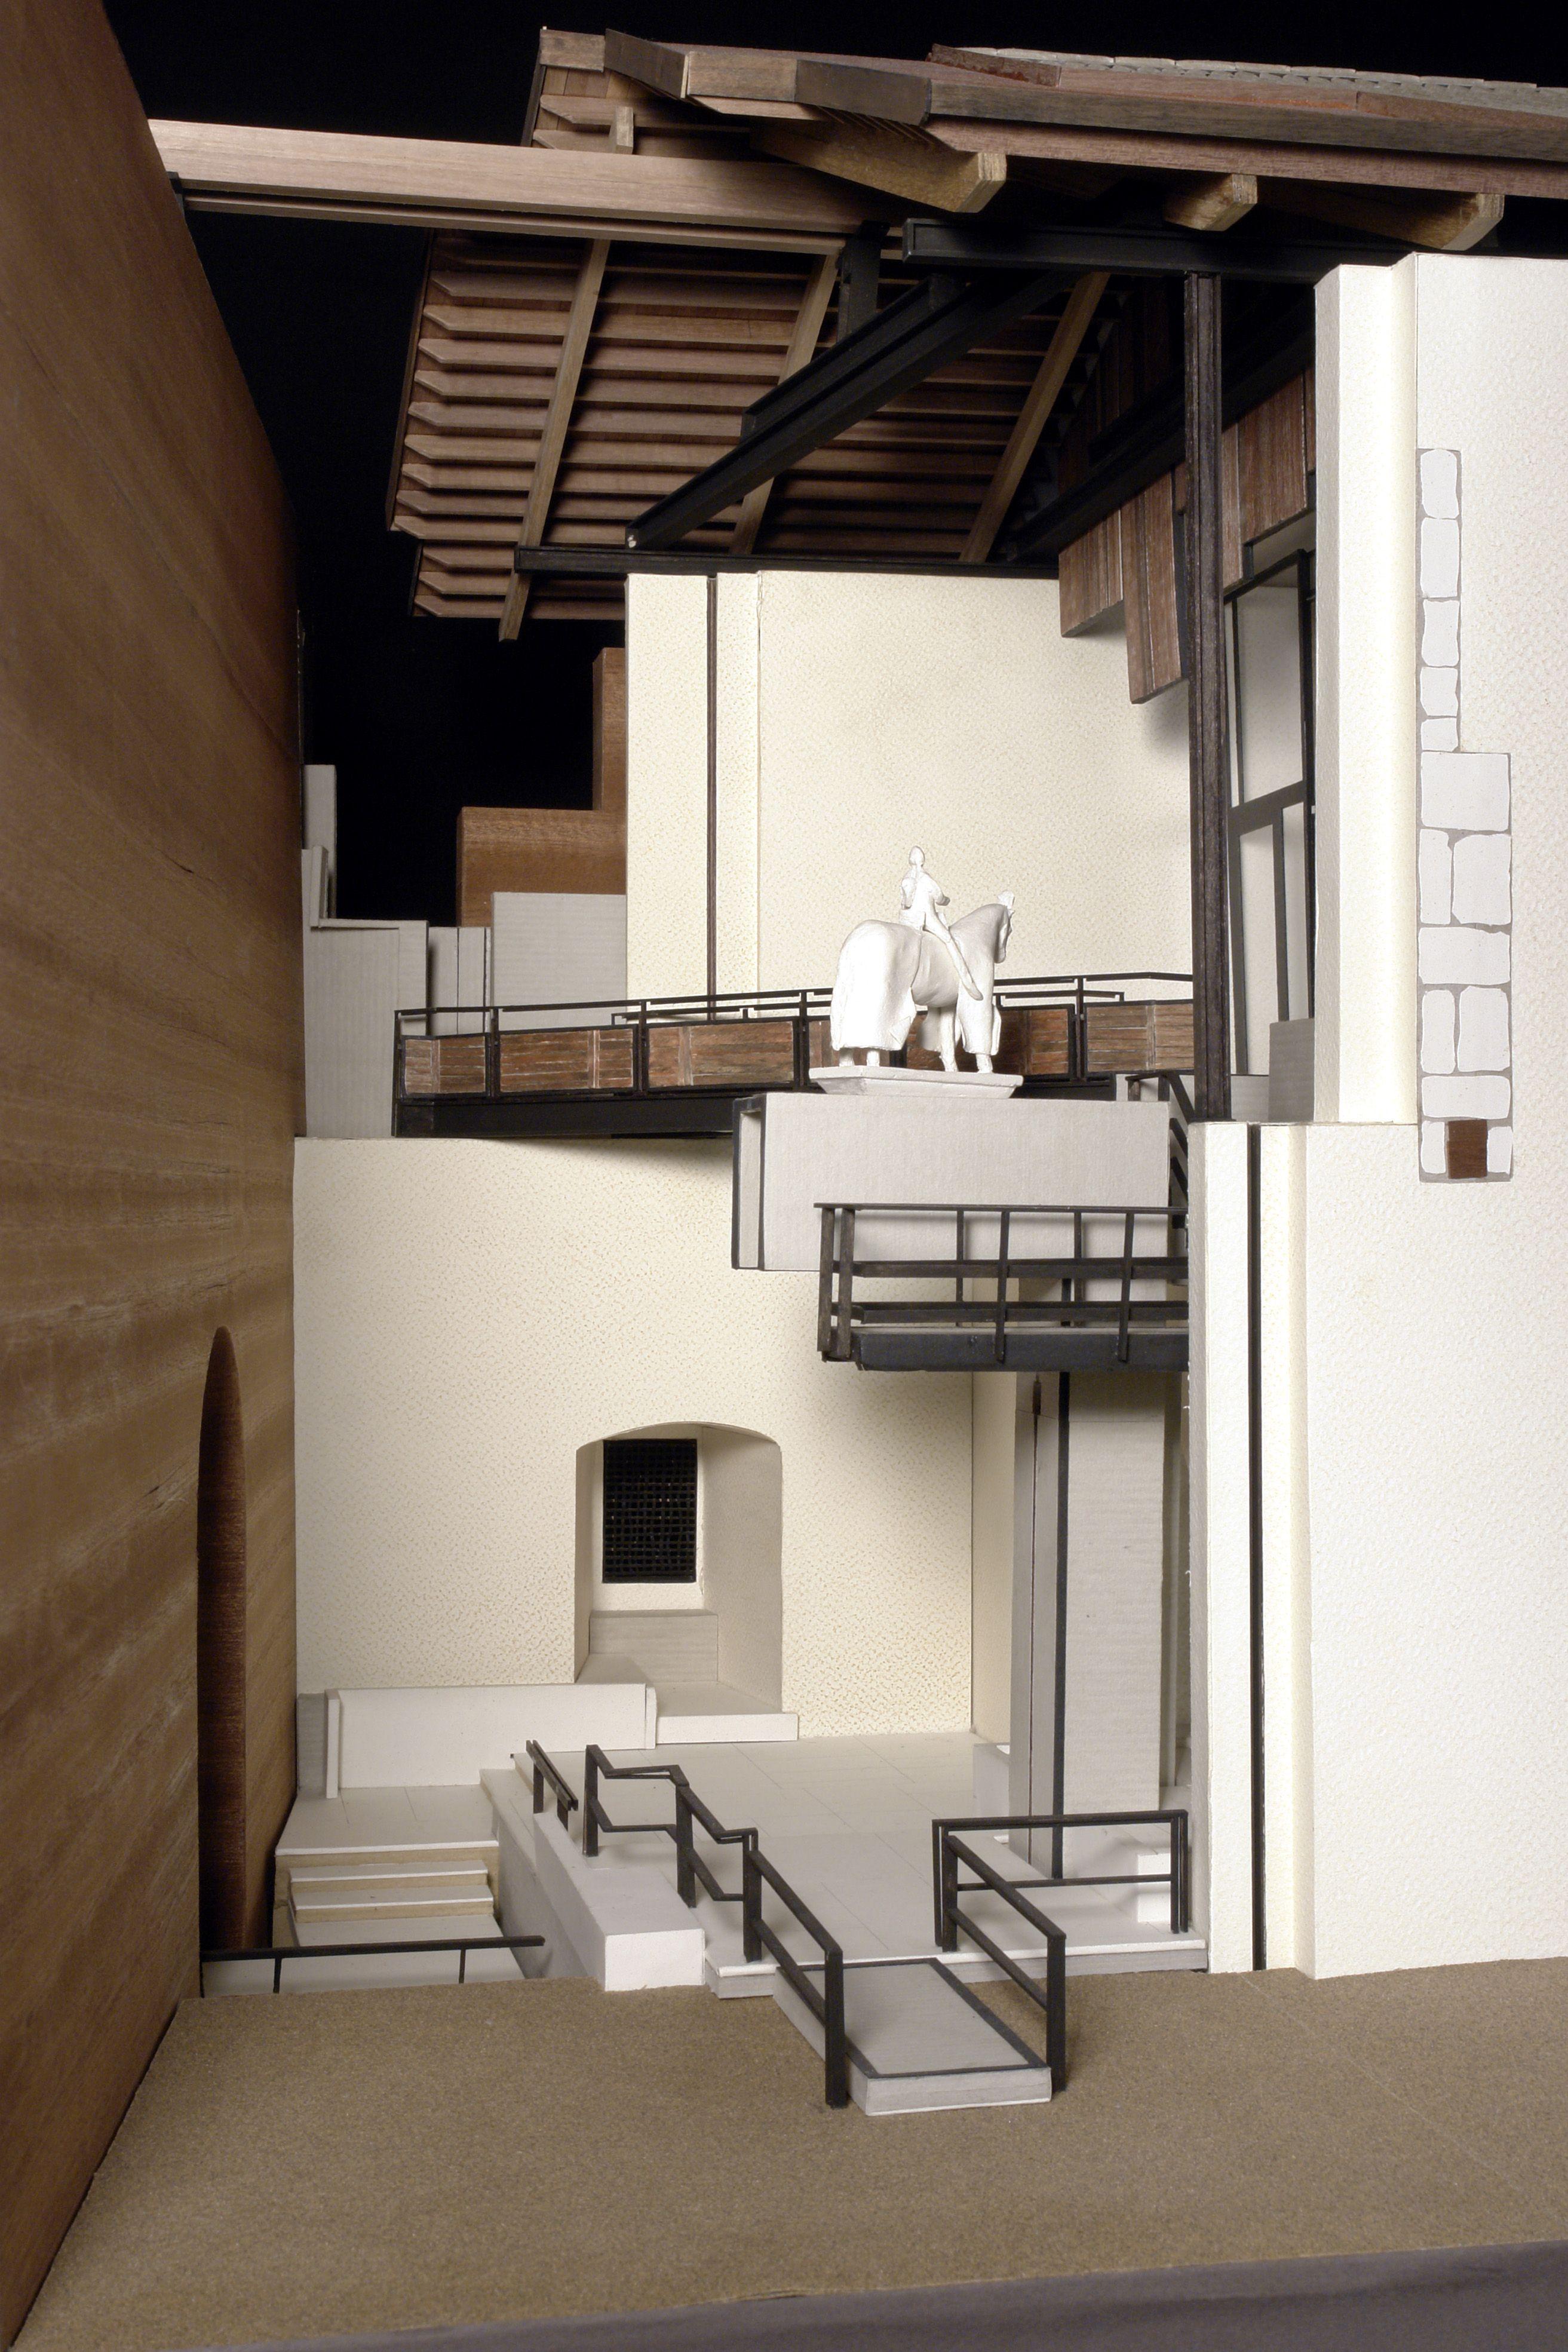 Sistemazione del cangrande museo di castelvecchio verona for Interior design politecnico di milano